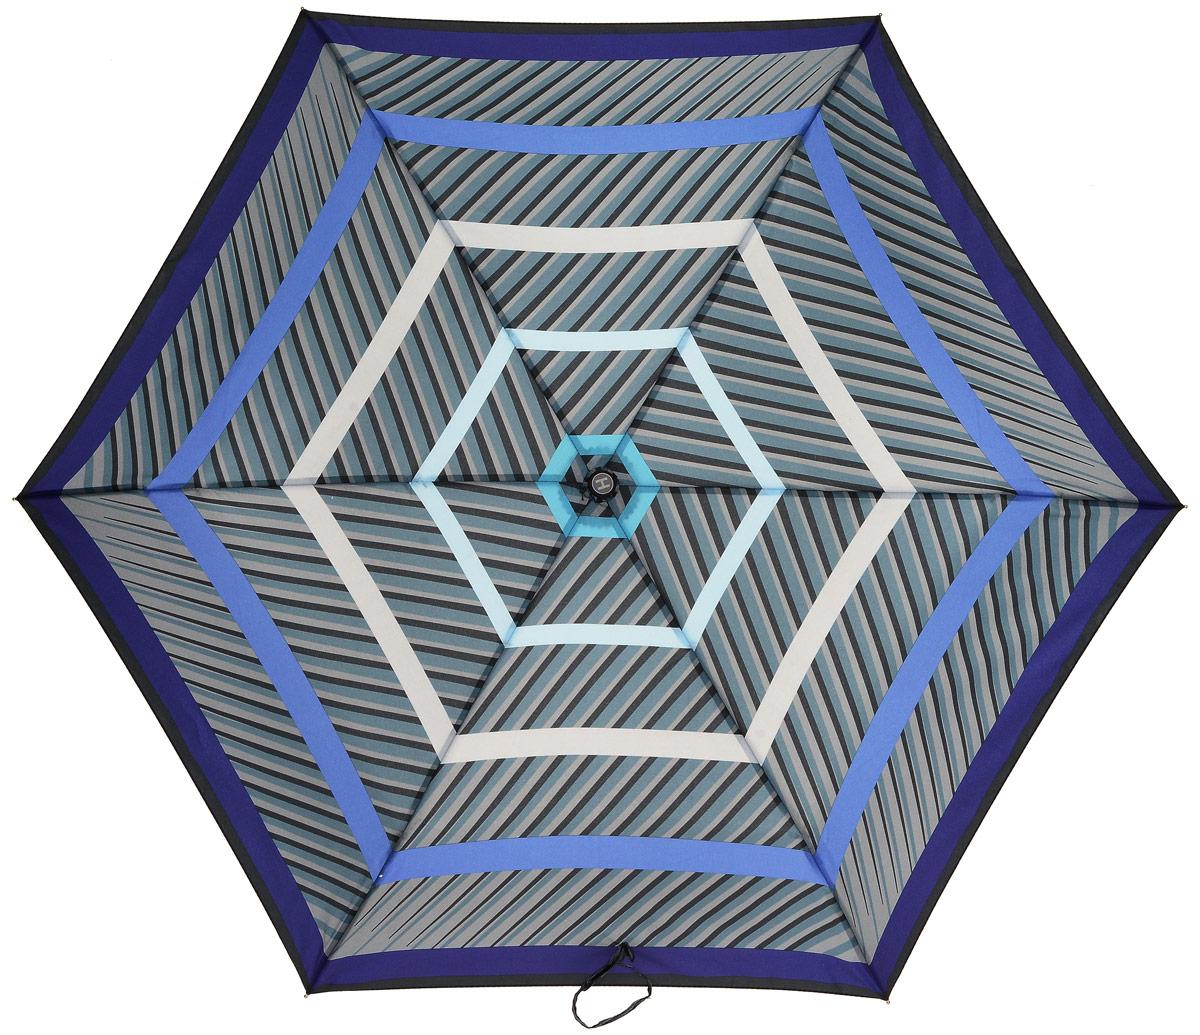 Зонт женский Henry Backer, 3 сложения, цвет: серый. U32202 StripesКолье (короткие одноярусные бусы)Суперлегкий женский зонт «Полоски», синий, механикаКомпактная рукоятка выполнена из нескользящего, комфортного для ладони материала, ветроустойчивый каркас сделан из алюминия и фибергласса.